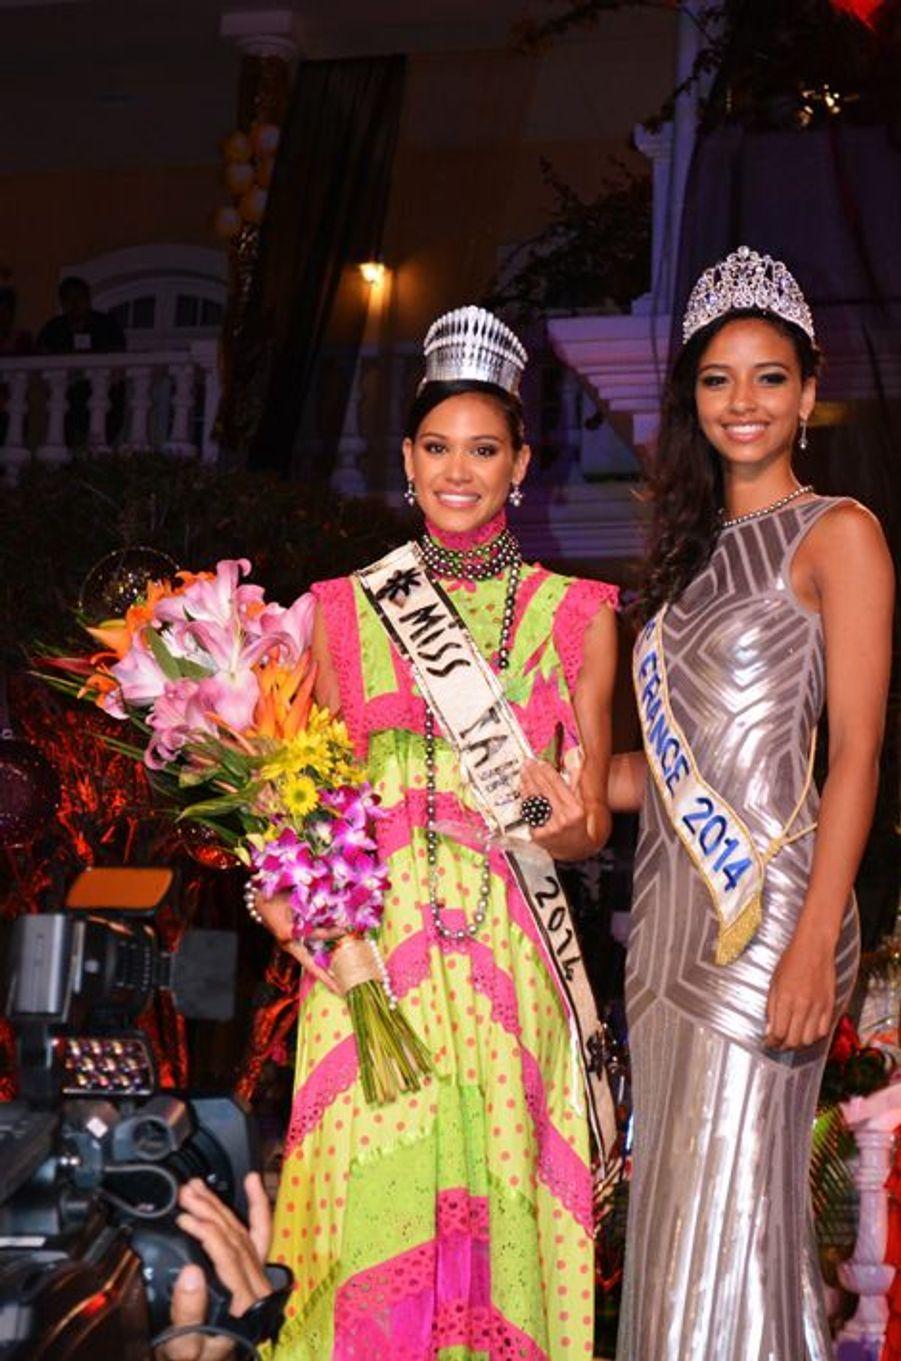 Flora Coquerel à l'élection de Miss Tahiti à Papeete, le 29 juin 2014